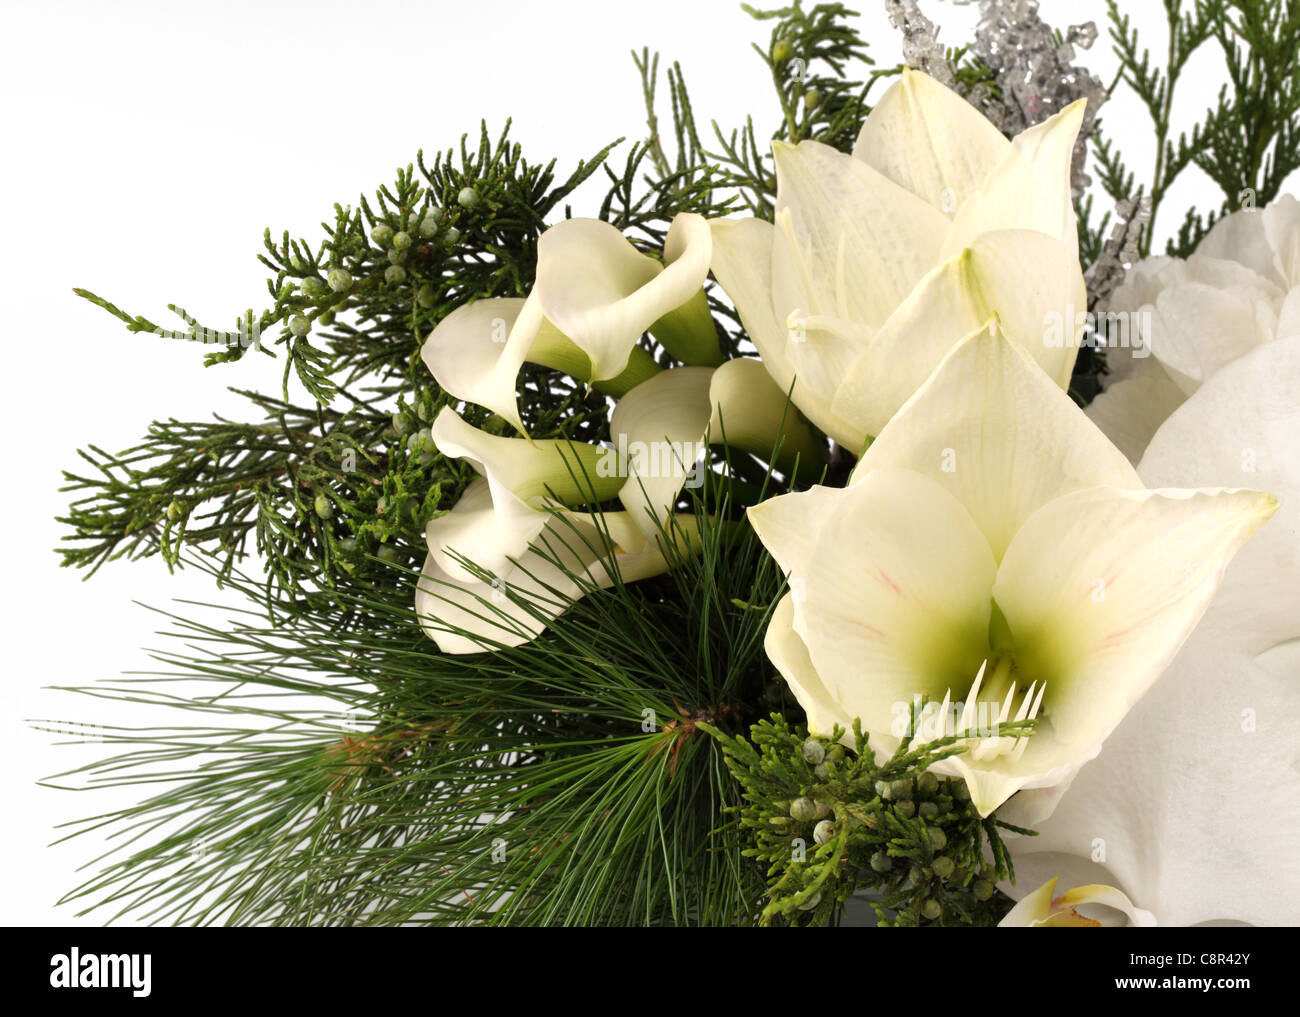 Eine Nahaufnahme Von Einem Weissen Blumenstrauss Weisse Calla Lilien